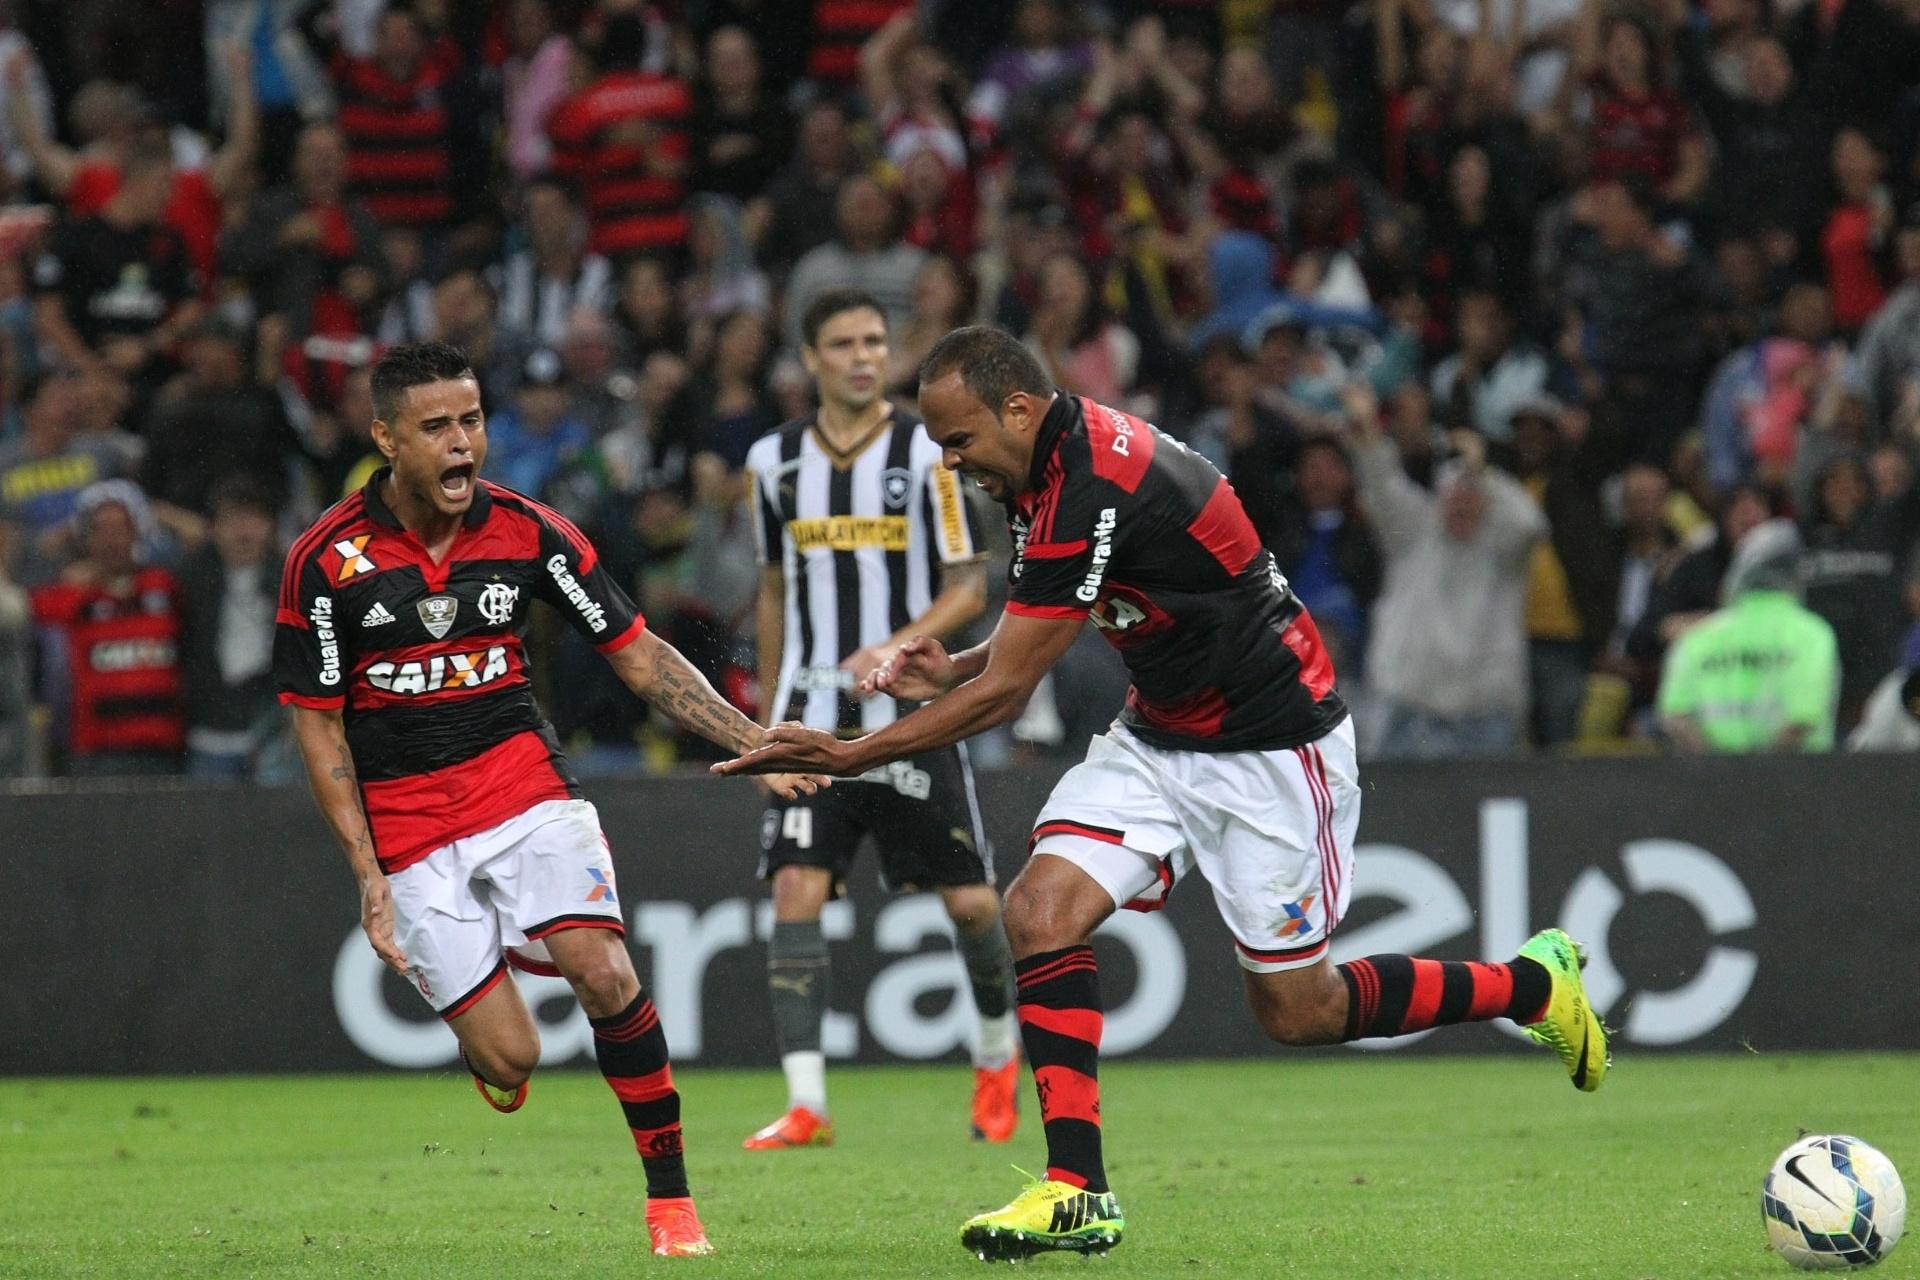 O atacante Alecsandro comemora o gol contra o Botafogo no clássico deste domingo 27 de julho